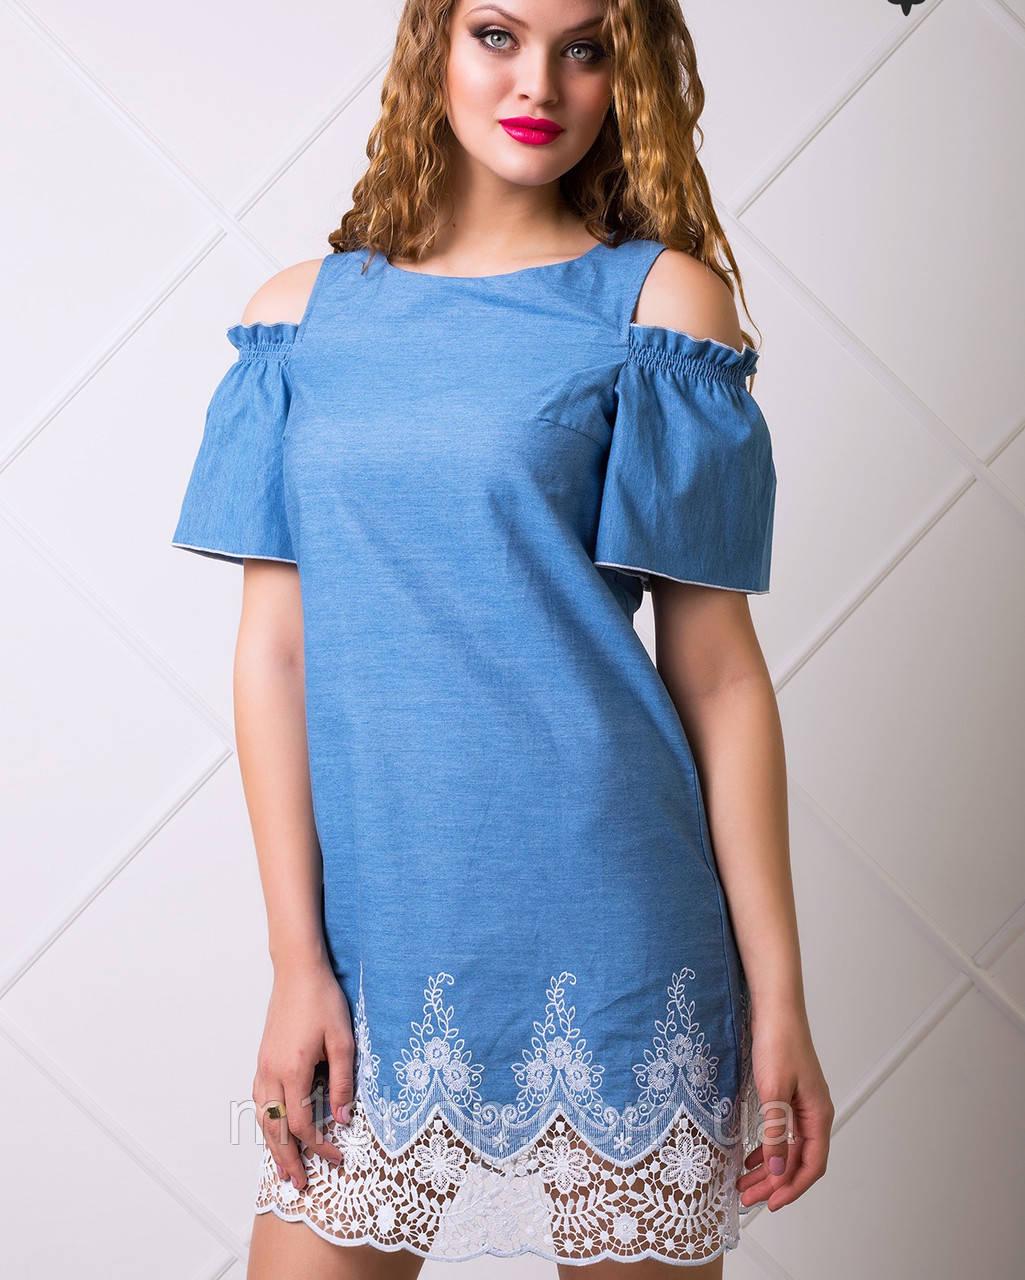 58516896f88 Женское джинсовое платье с кружевом (Ждана lzn ) купить недорого ...